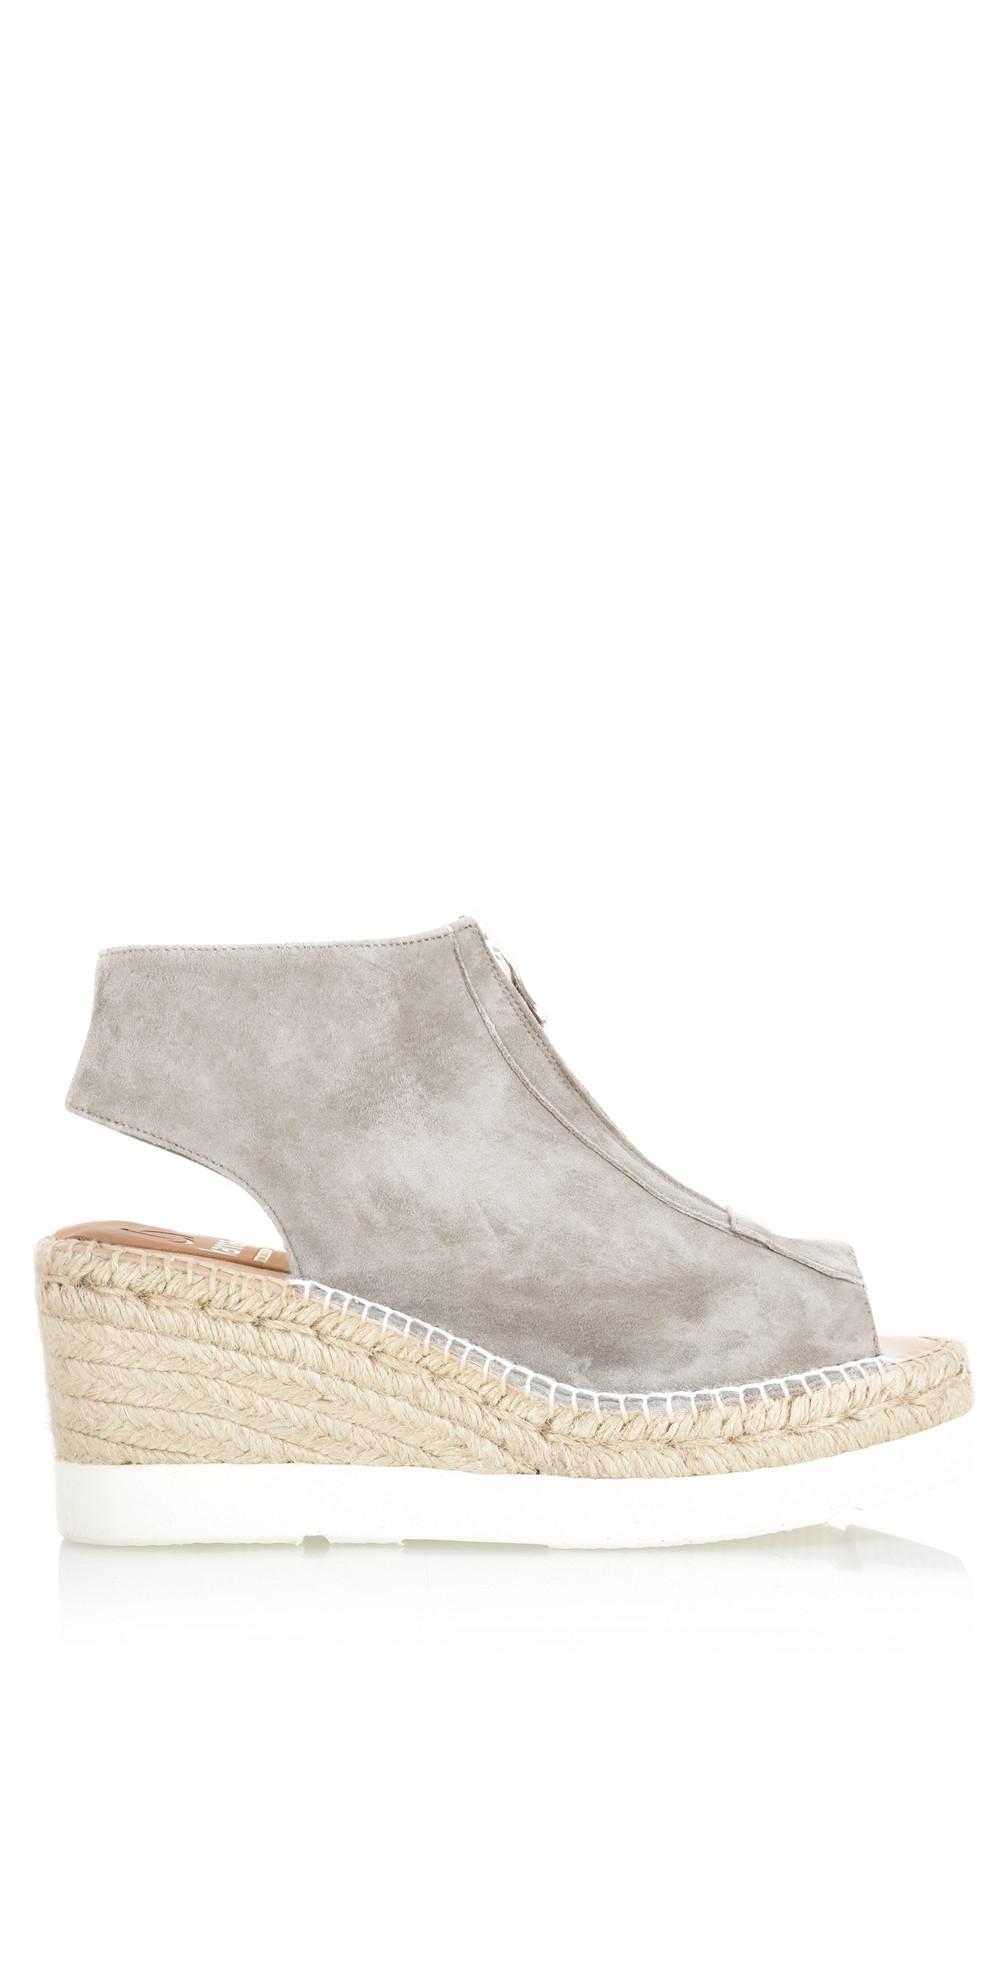 b684ec51fe9c Kanna Moira Espadrille Wedge Sandal in Taupe